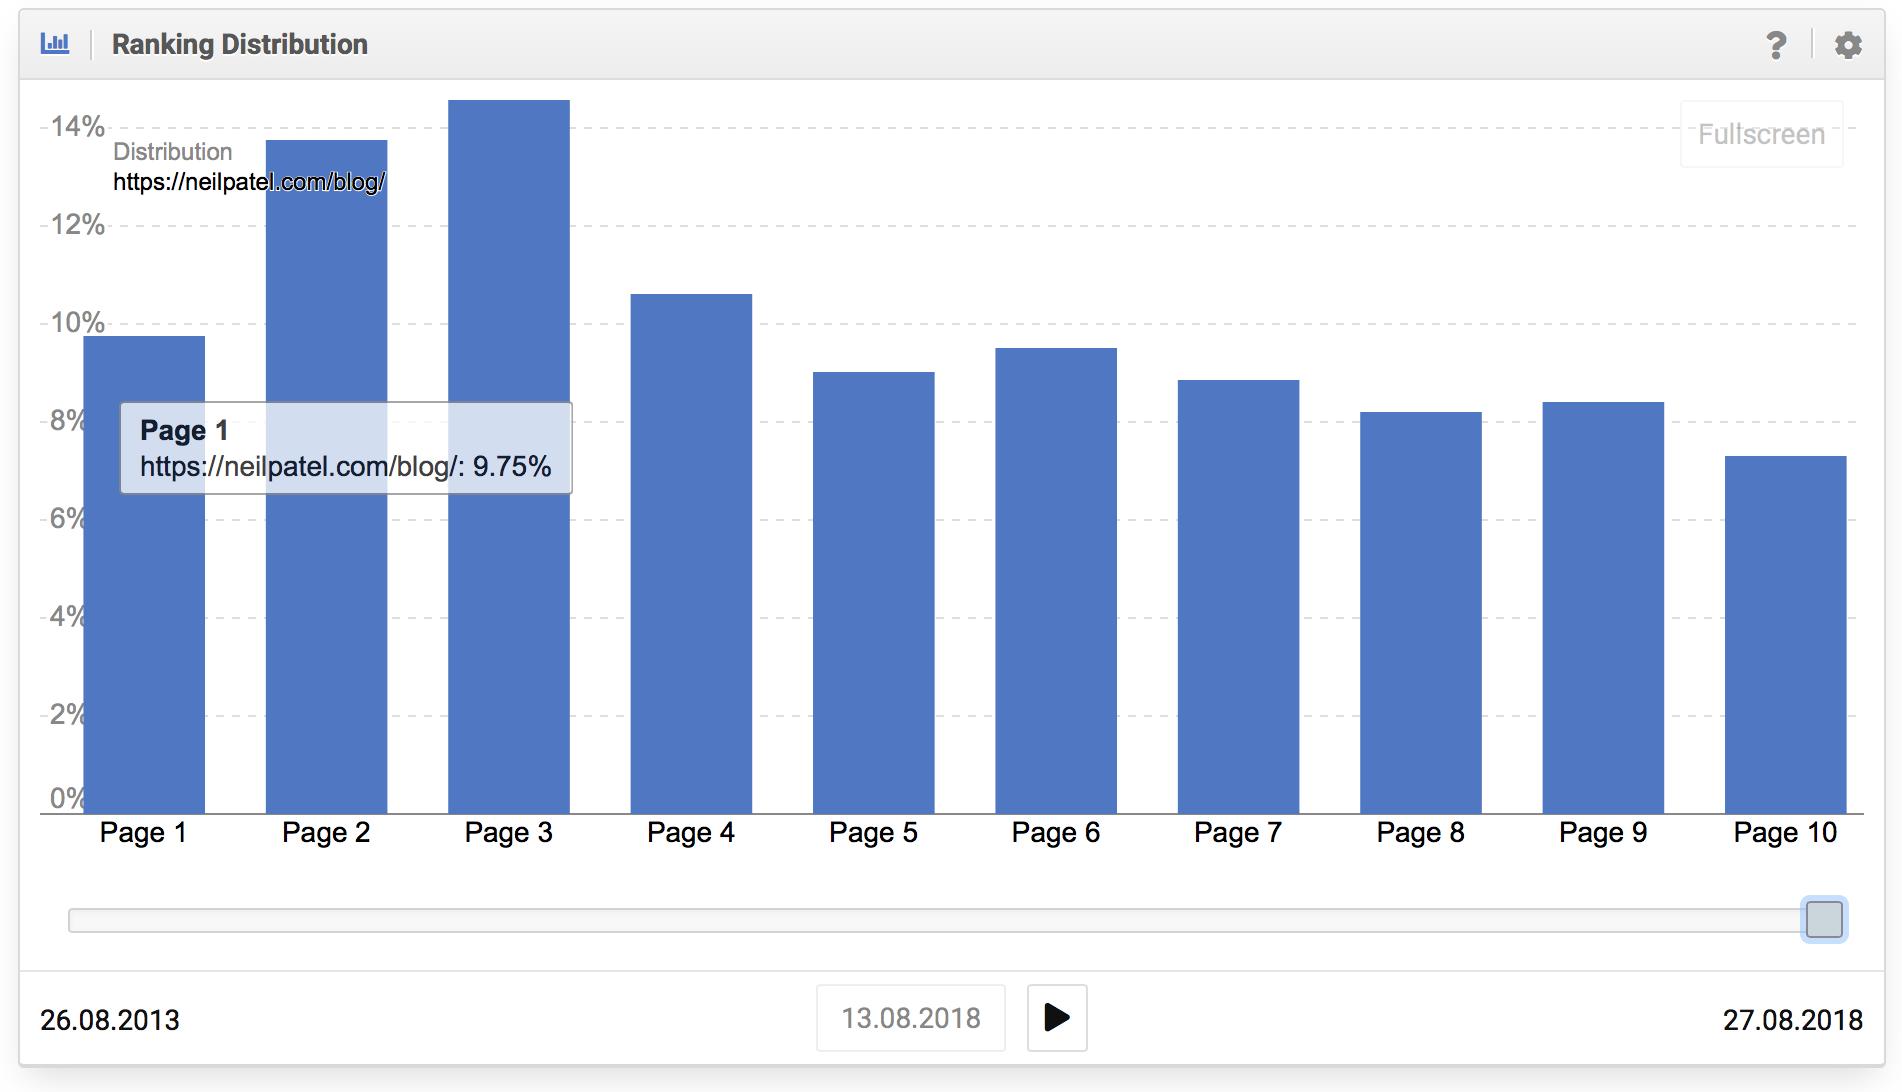 Mala distribución de los rankings del dominio neilpatel.com